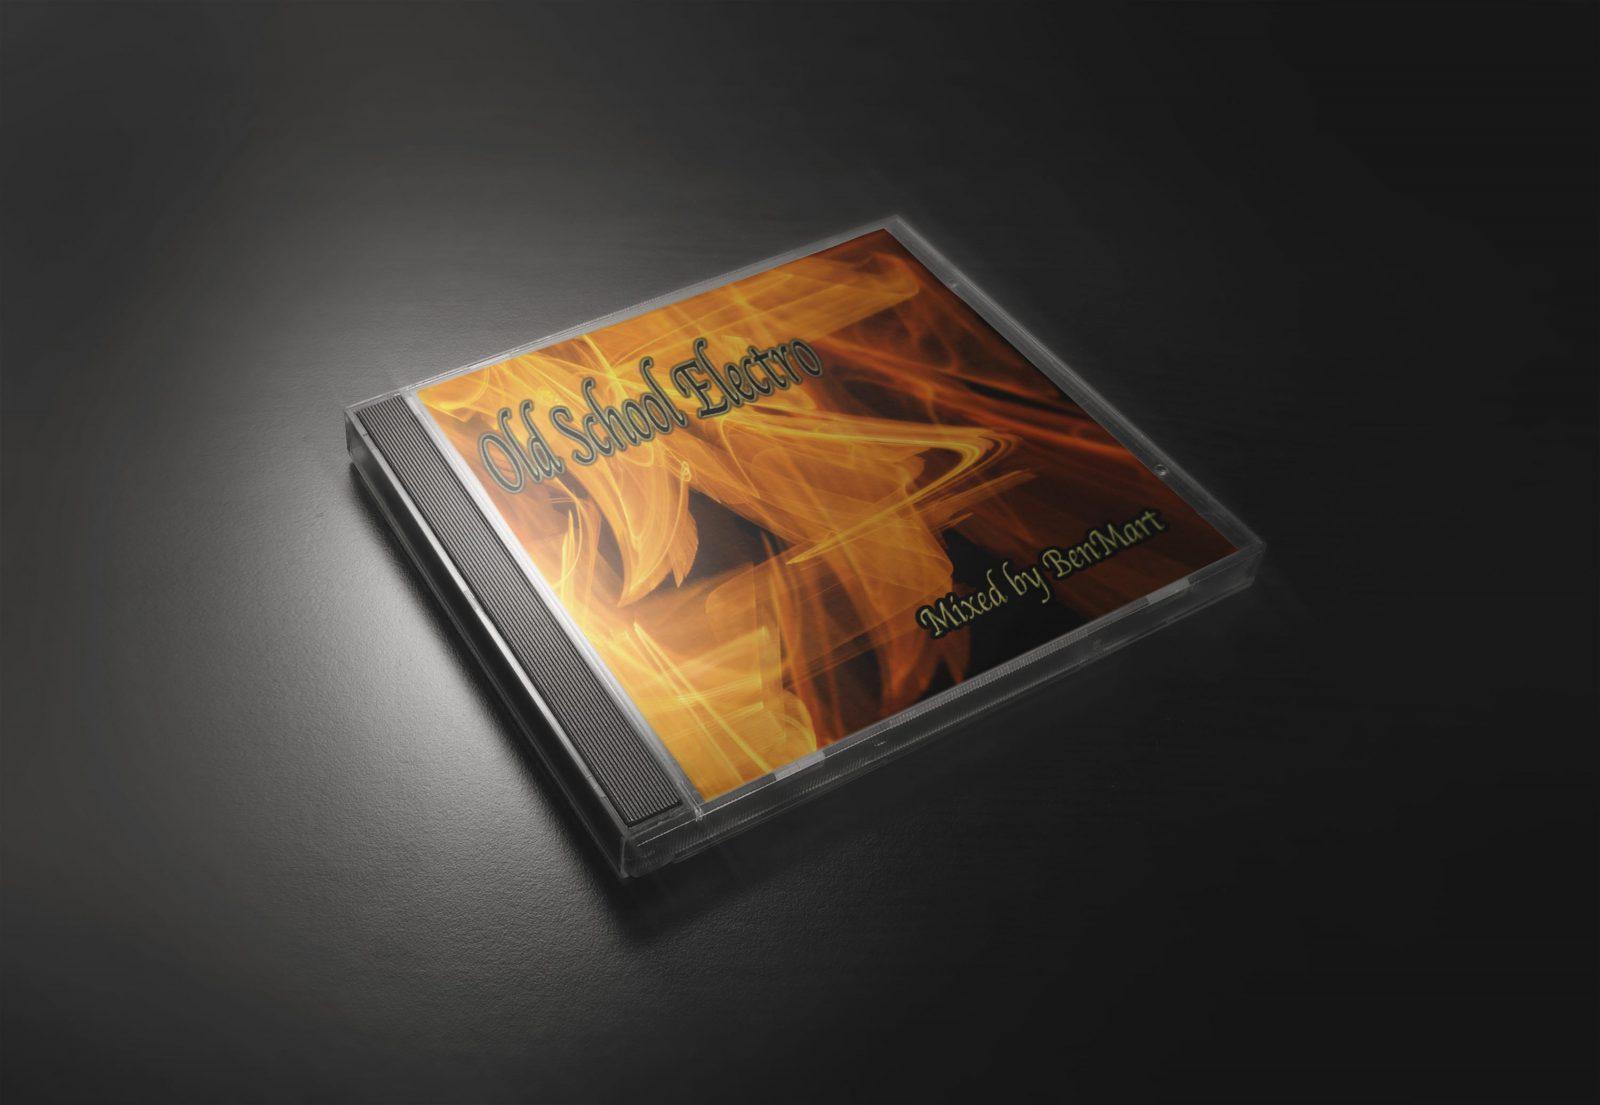 Old School Electro Single CD. Electrónica, Techno, House